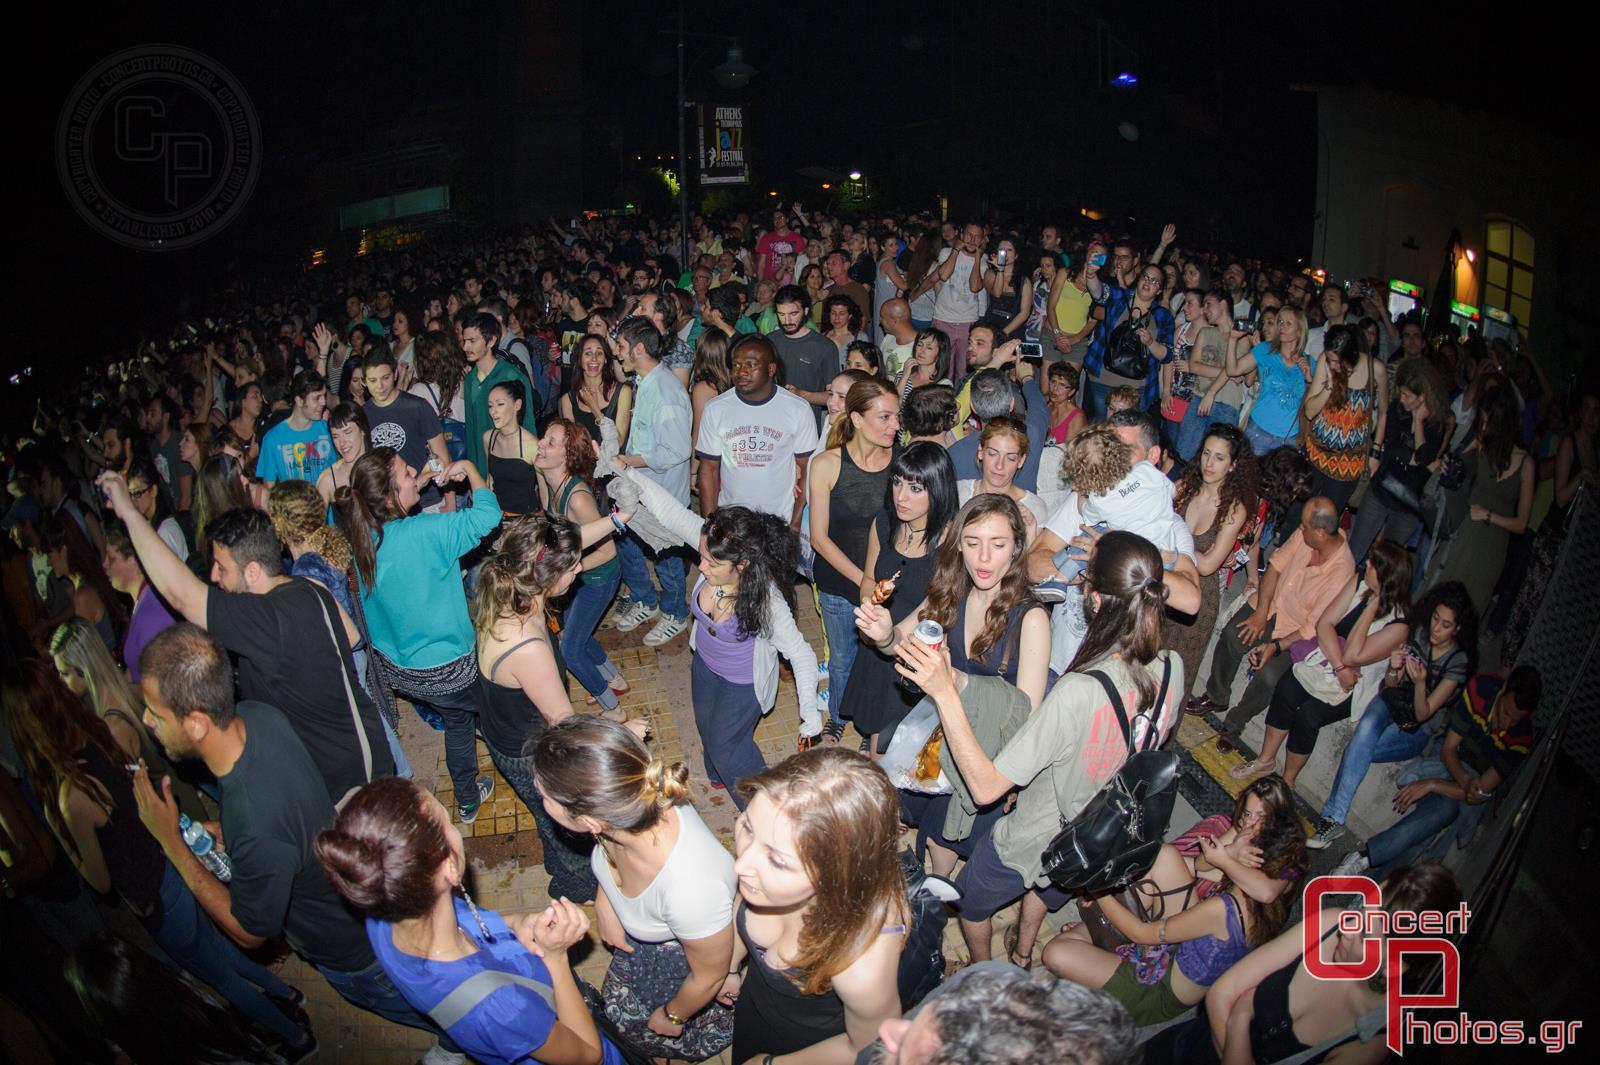 Μία συναυλία για τη Σχεδία 2014-Sxedia 2014 photographer:  - concertphotos_20140526_22_29_57